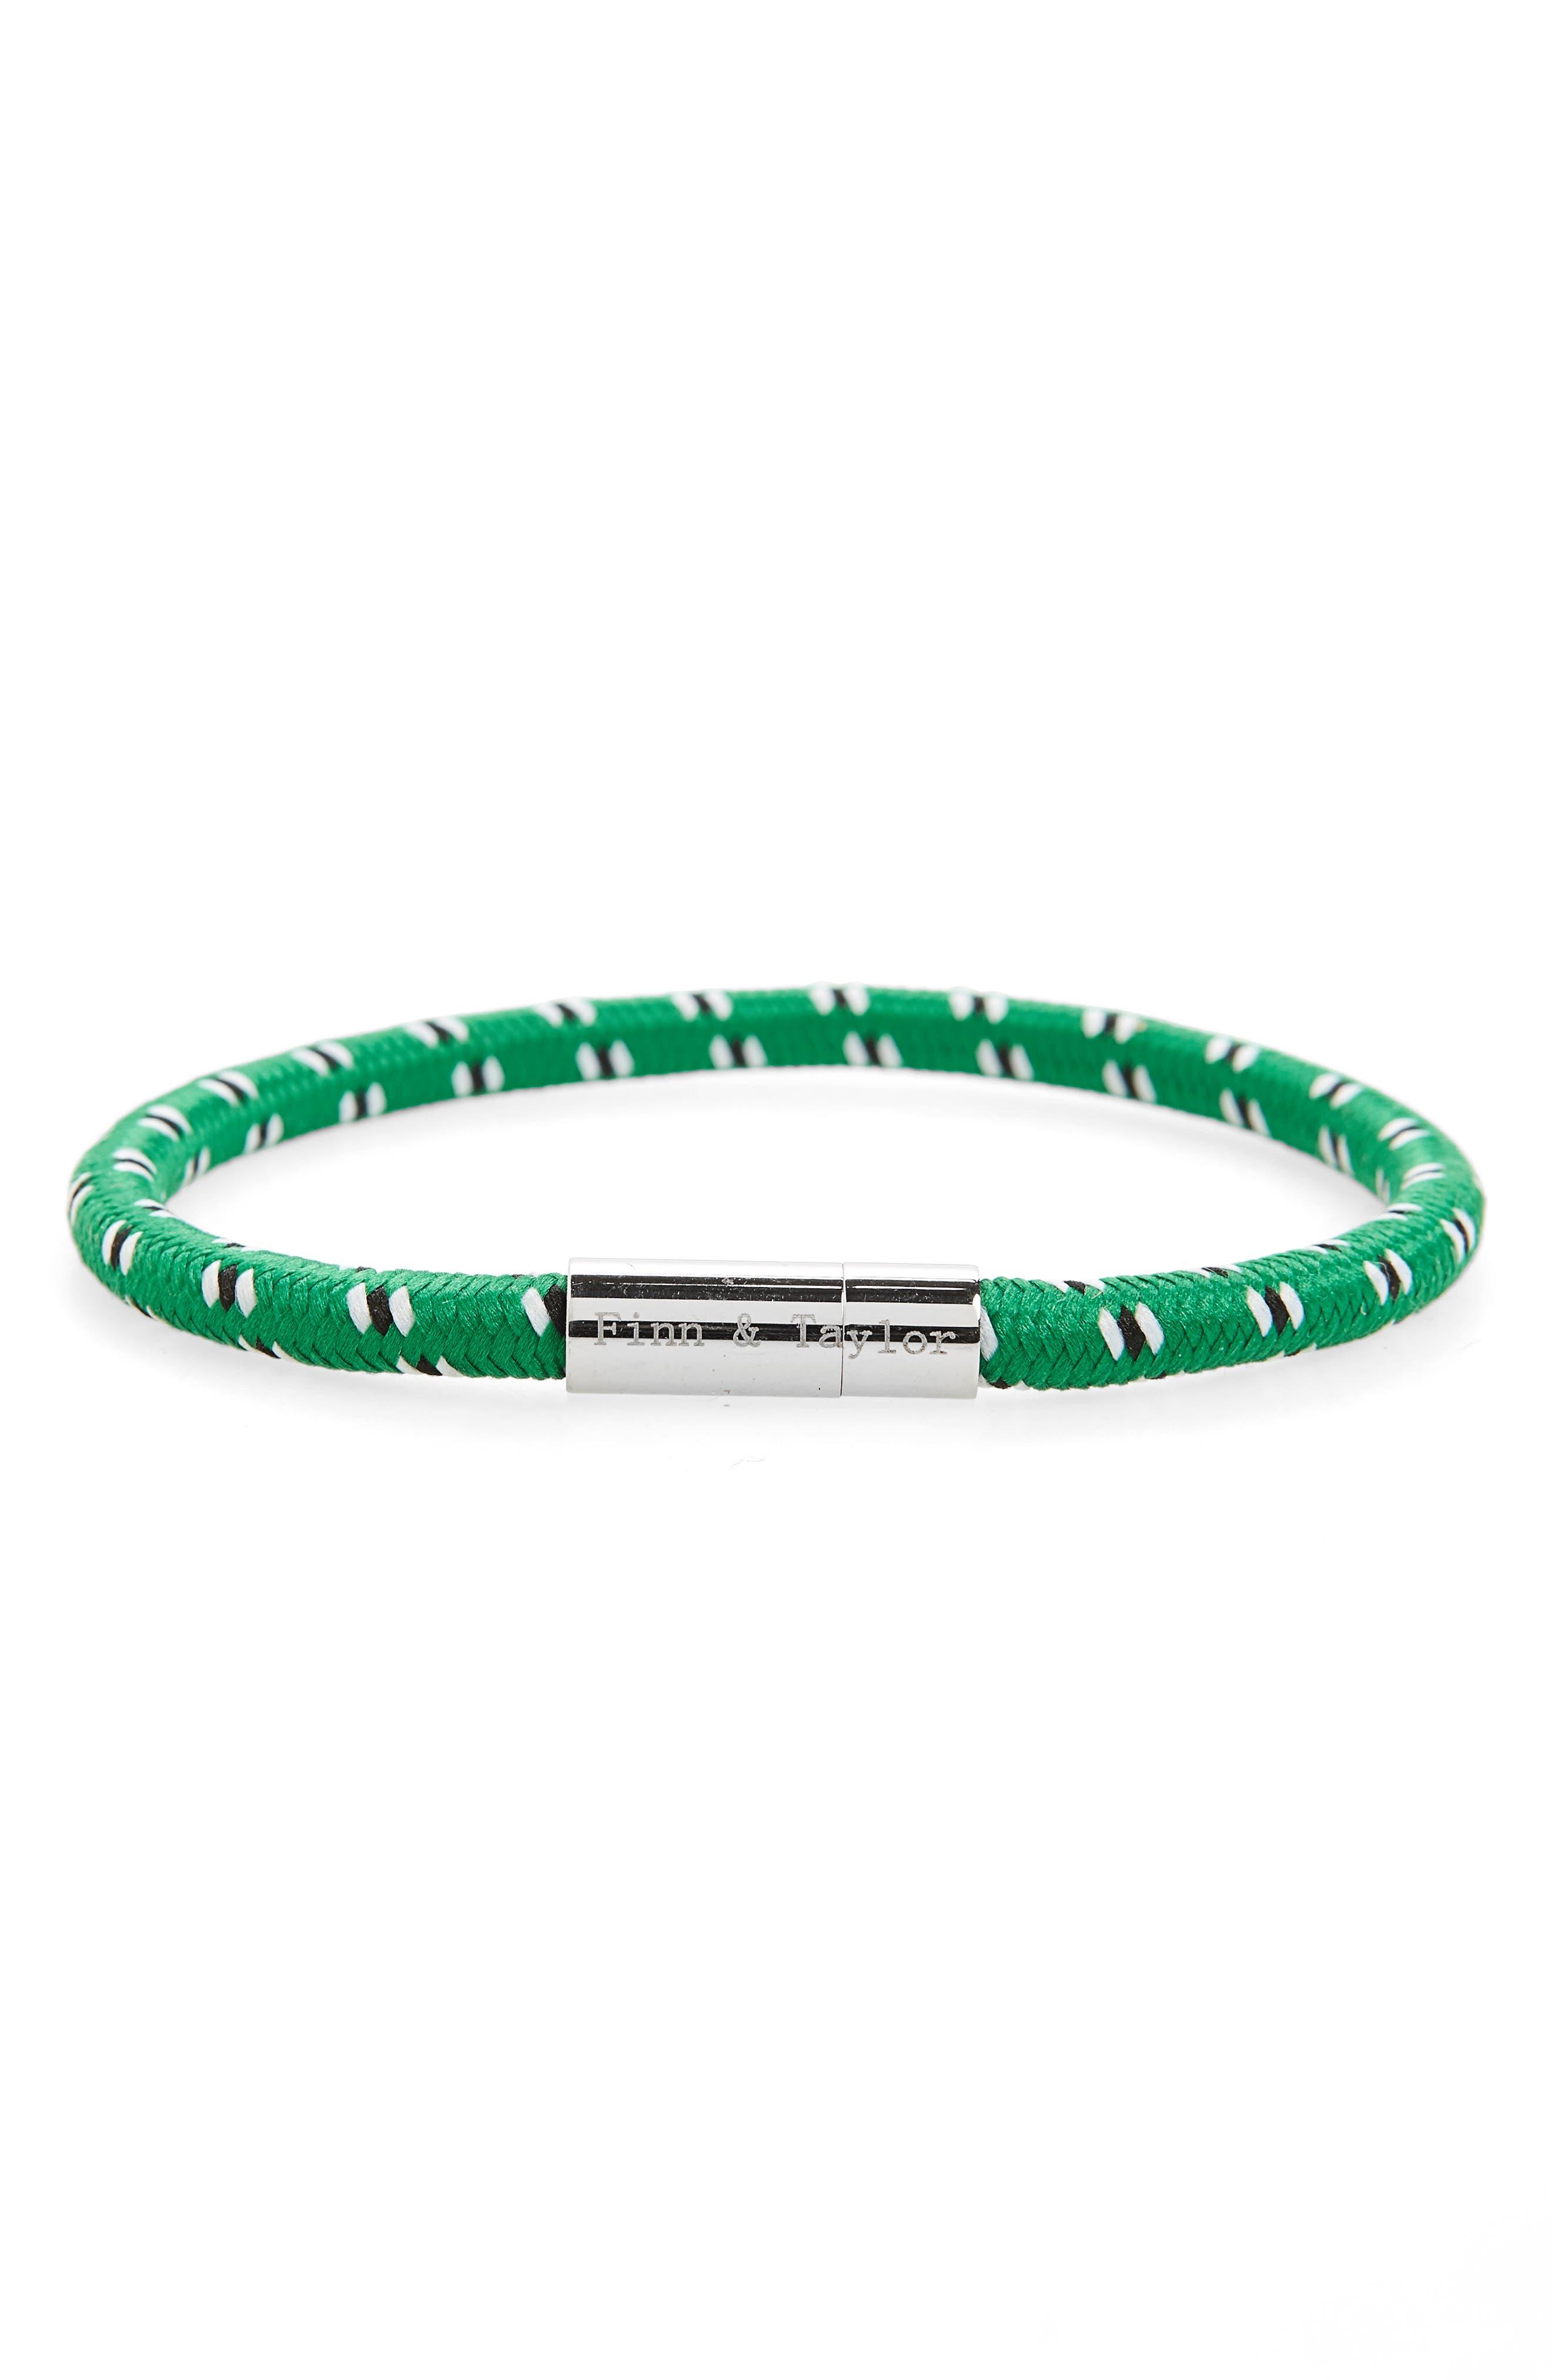 Alternate Image 1 Selected - Finn & Taylor Elastic Bracelet